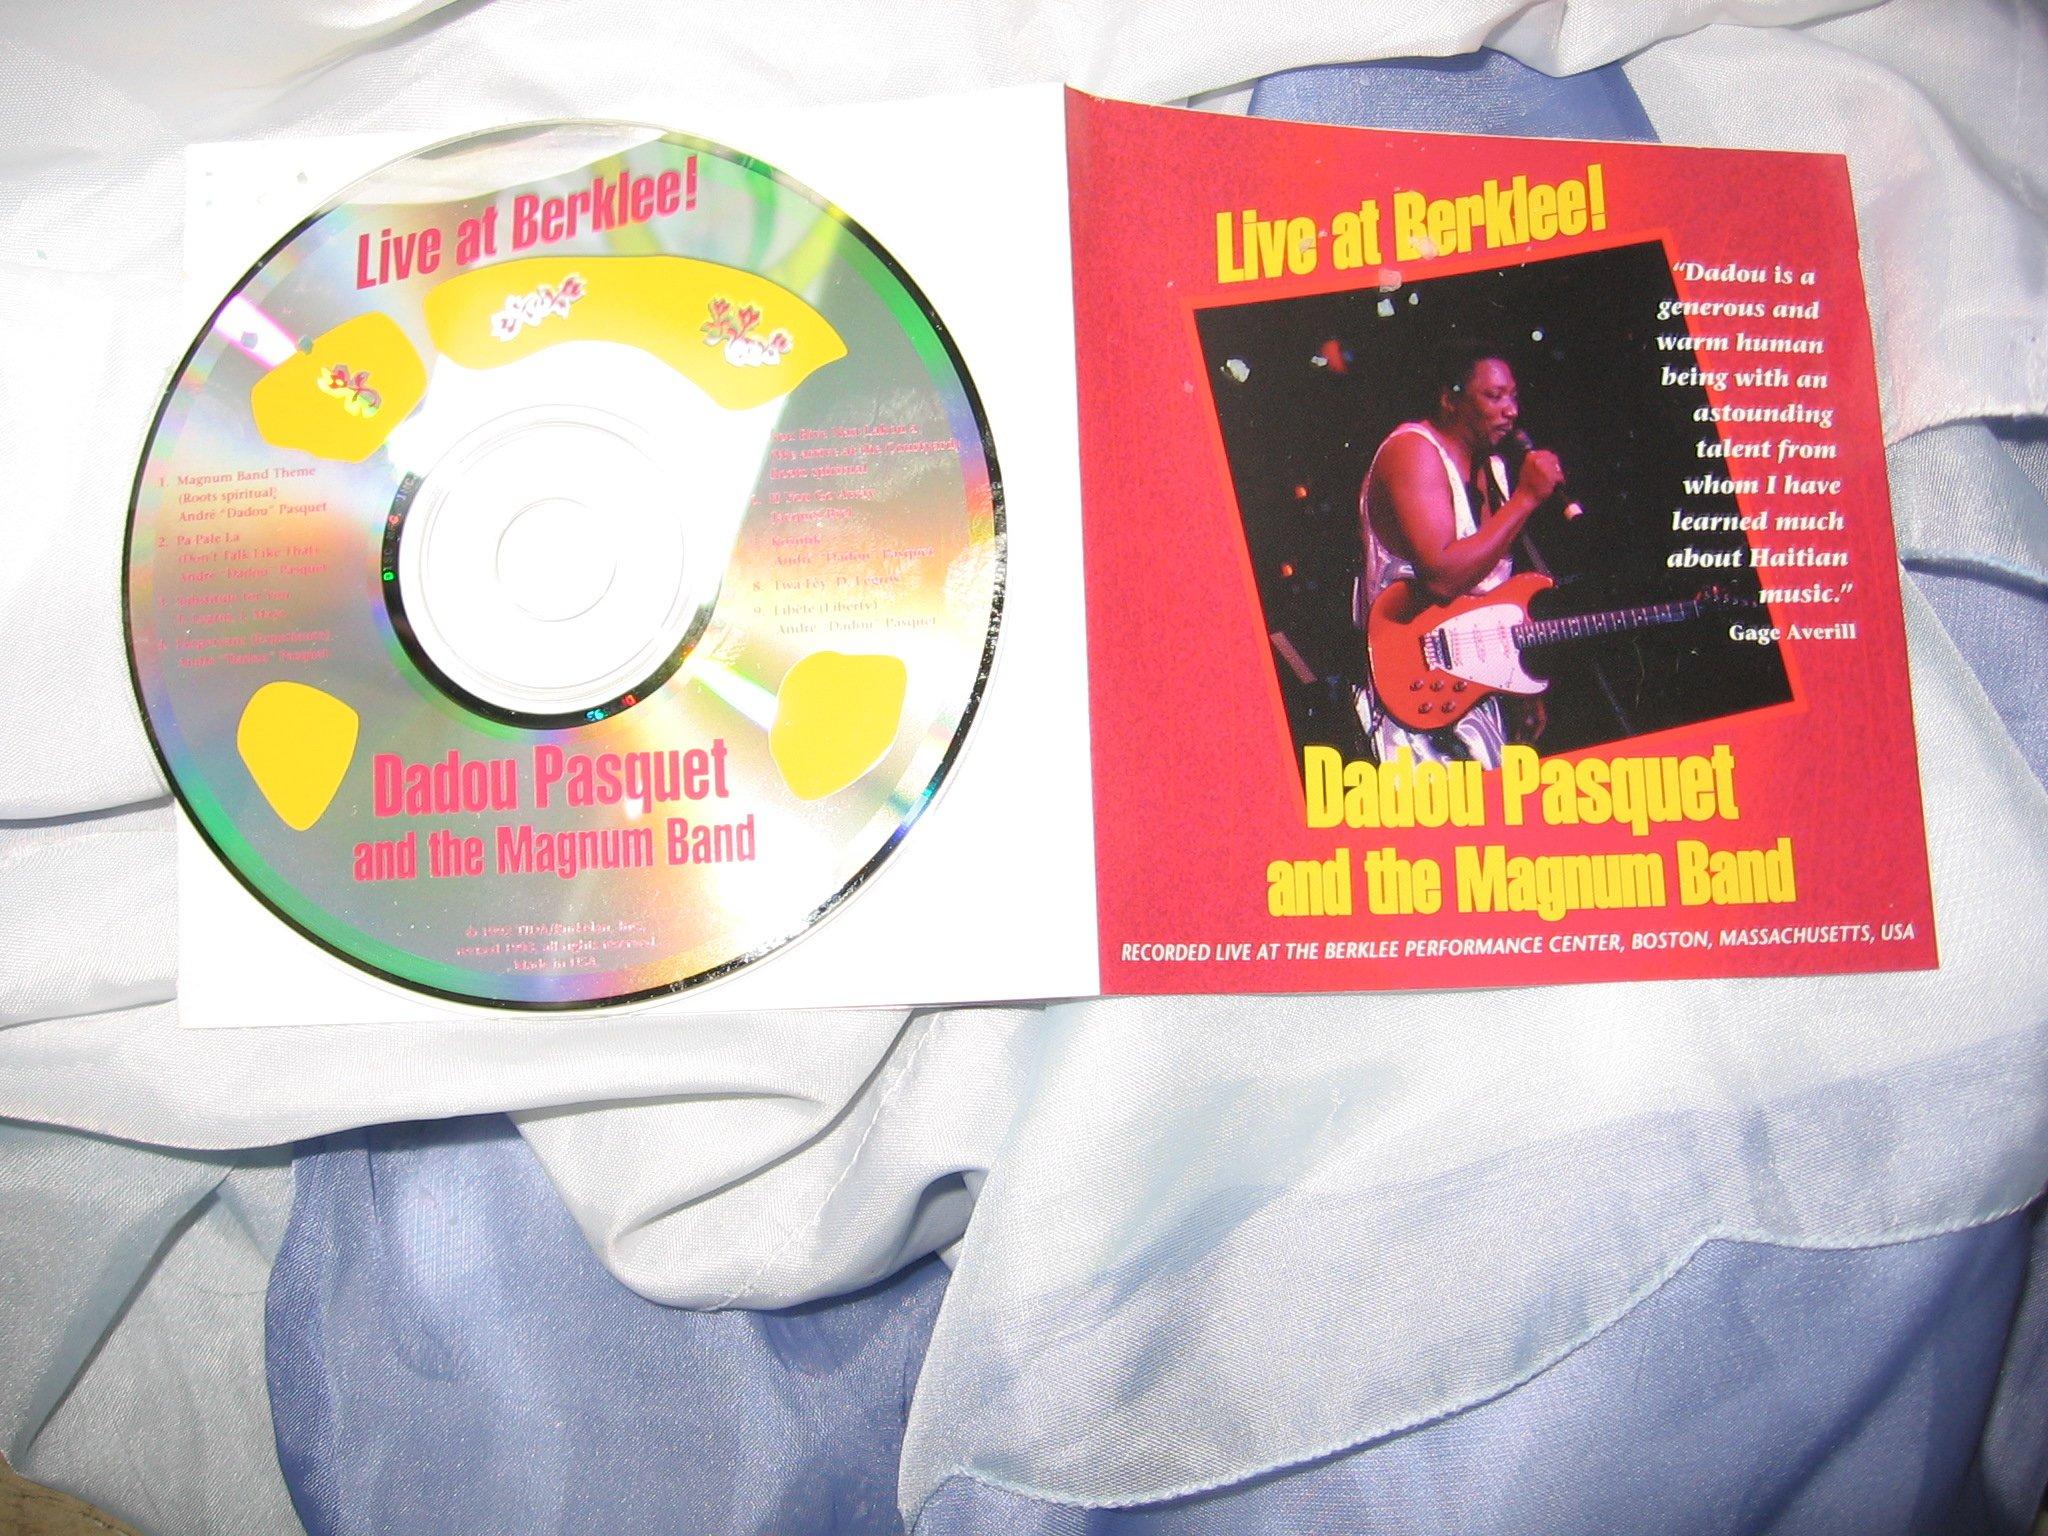 Live at Berklee by TIDA/Burkelan, Inc.